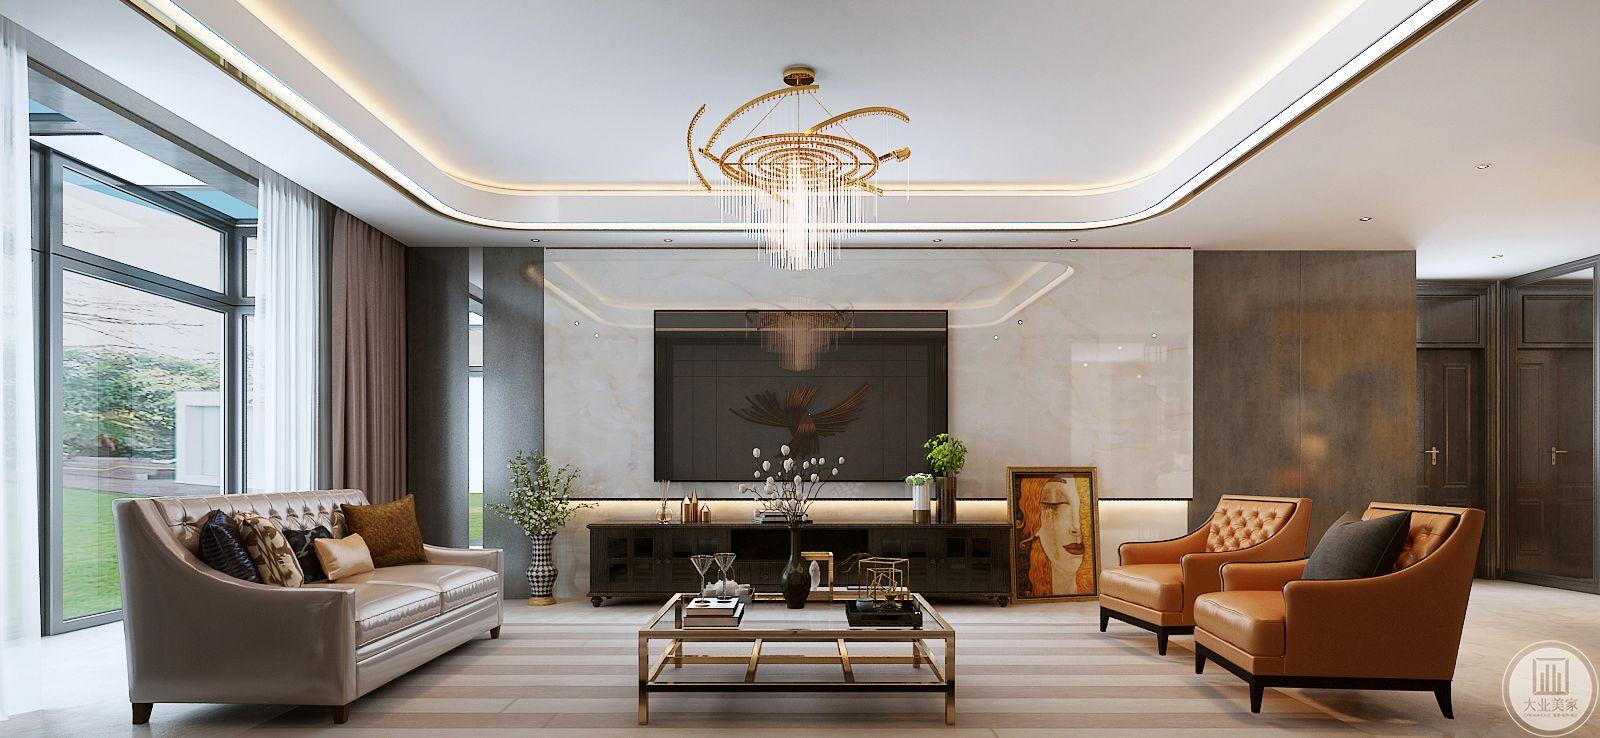 影视墙采用白色瓷砖,电视柜采用黑色实木装饰。